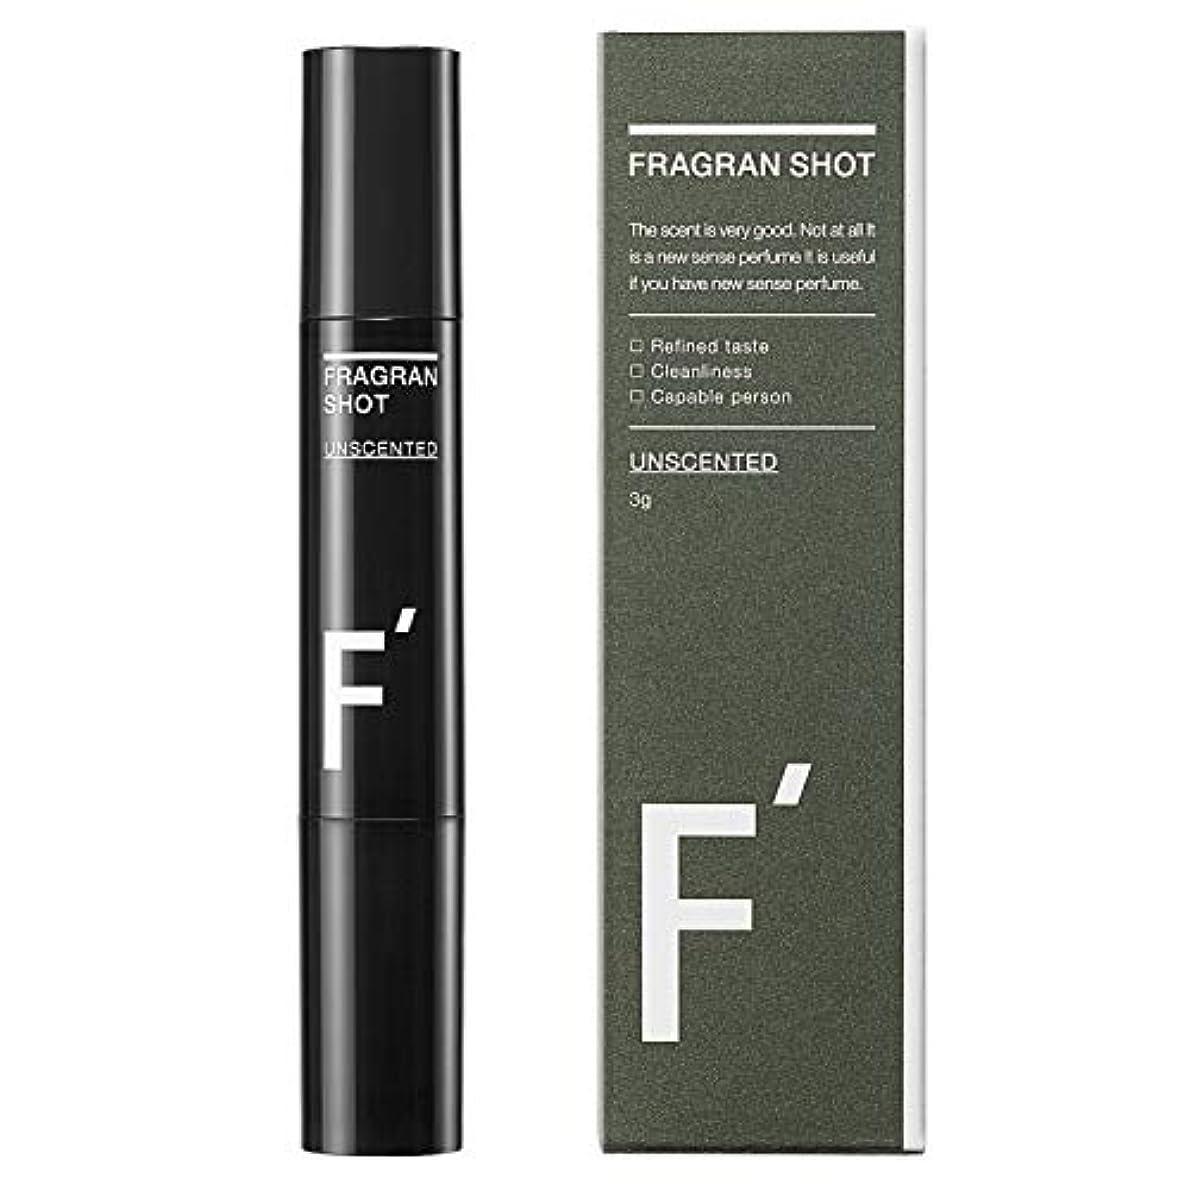 コテージポンペイ学習者F'(エフダッシュ) フレグランショット 無香料 男性用練香水